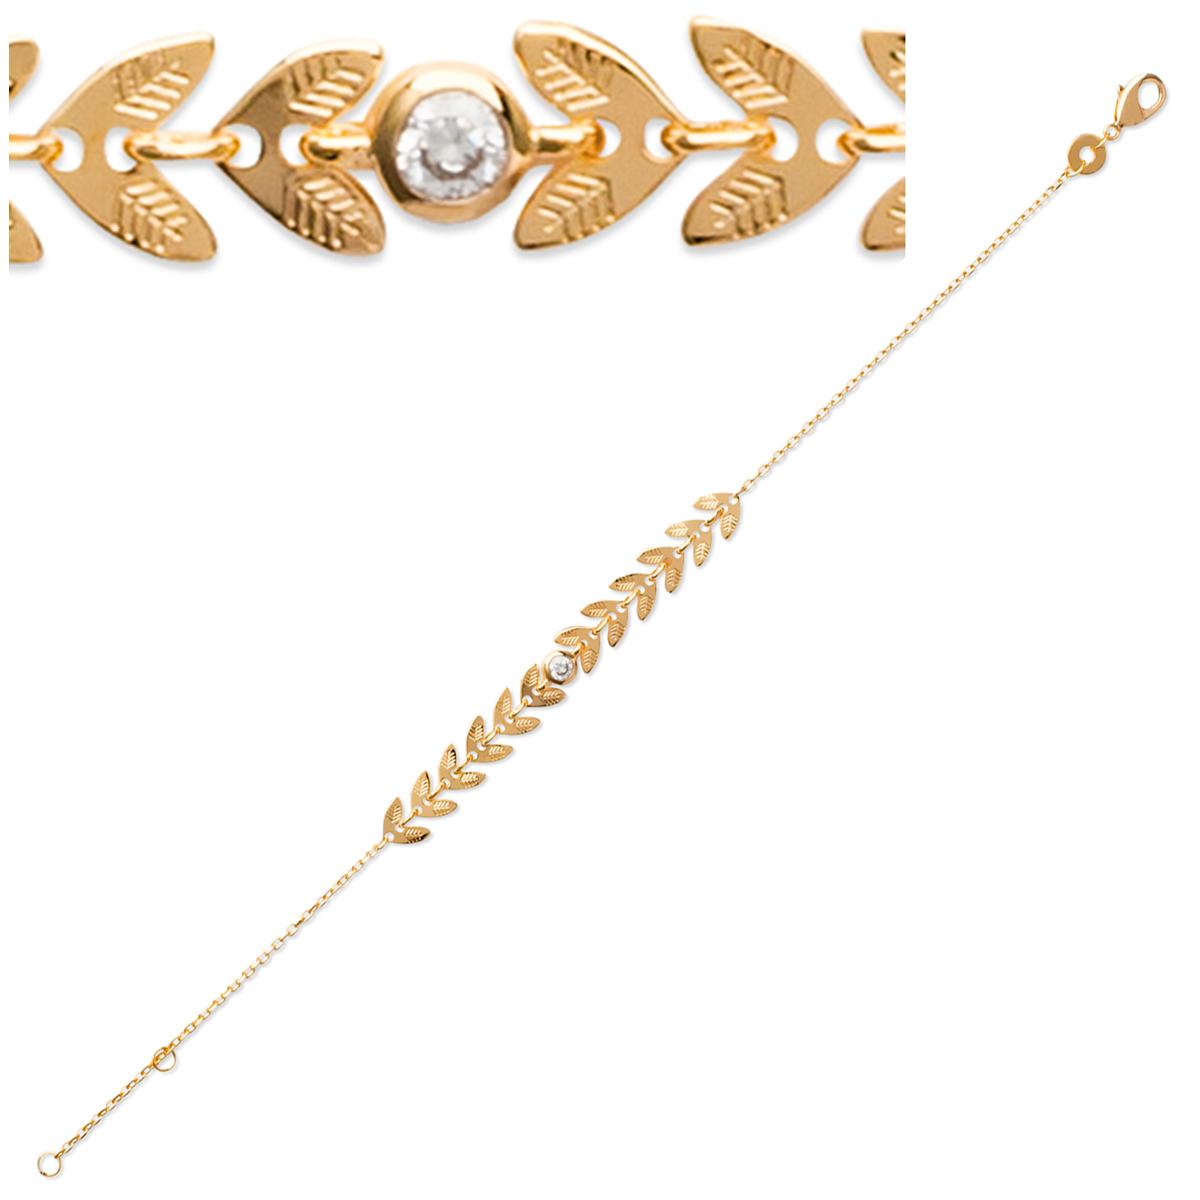 Bracelet Plaqué or \'Epi de blé\' doré - 60x6 mm - [P6856]